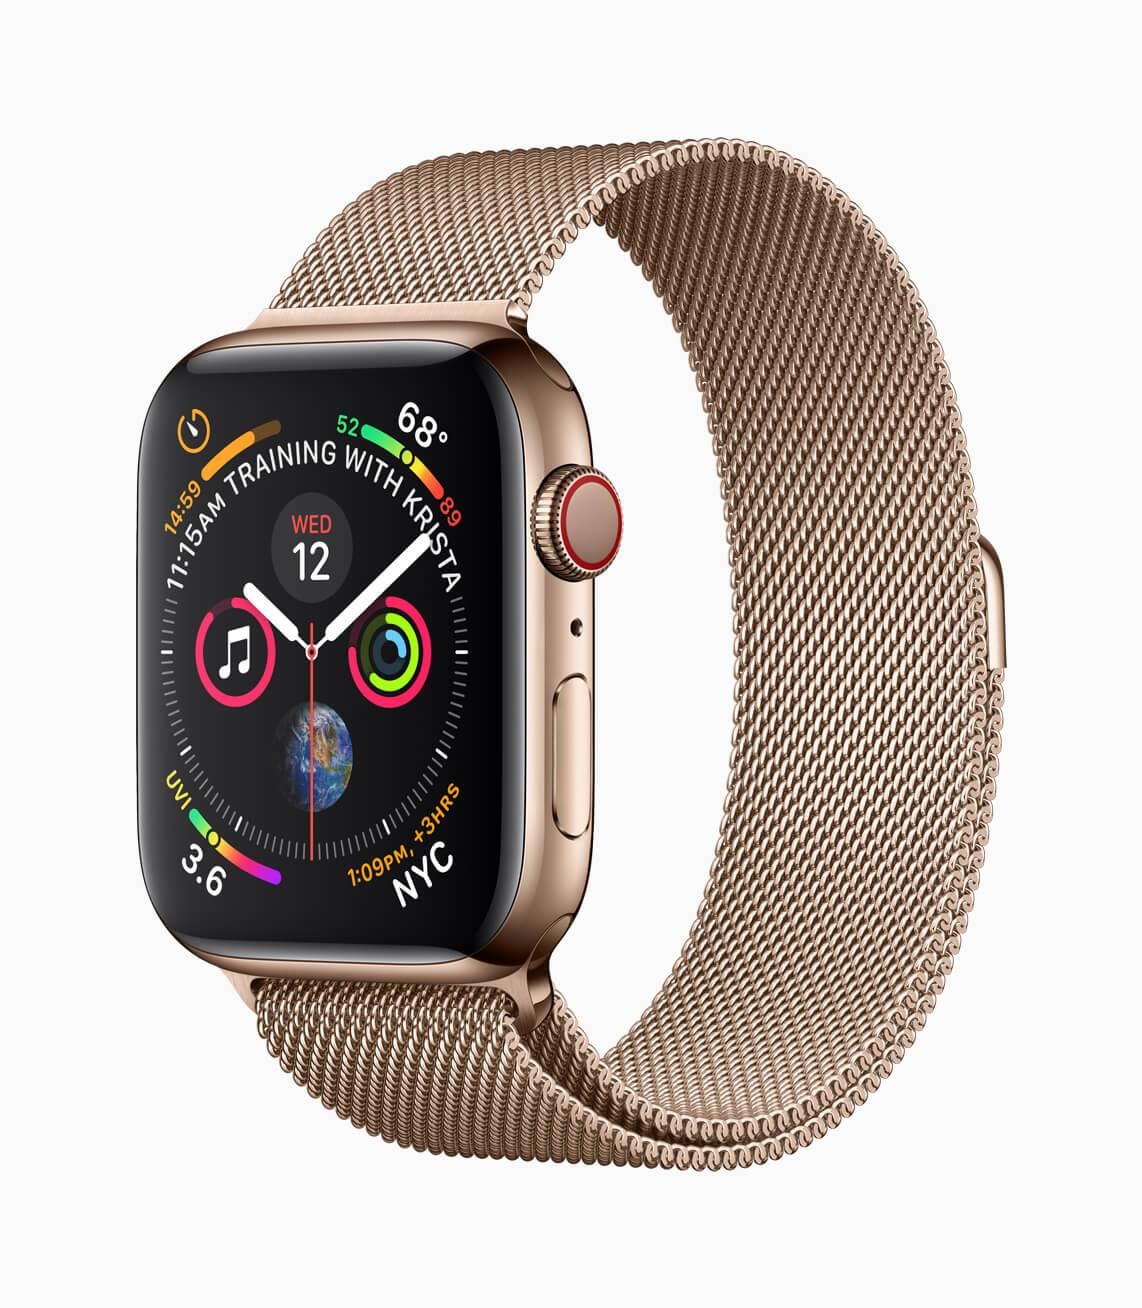 Apple watch series 4 é lançado com eletrocardiograma. Tim cook anunciou hoje os novos apple watch series 4 por preços que se iniciam em 399 dólares. Saiba tudo sobre os novos smartwatches da apple.